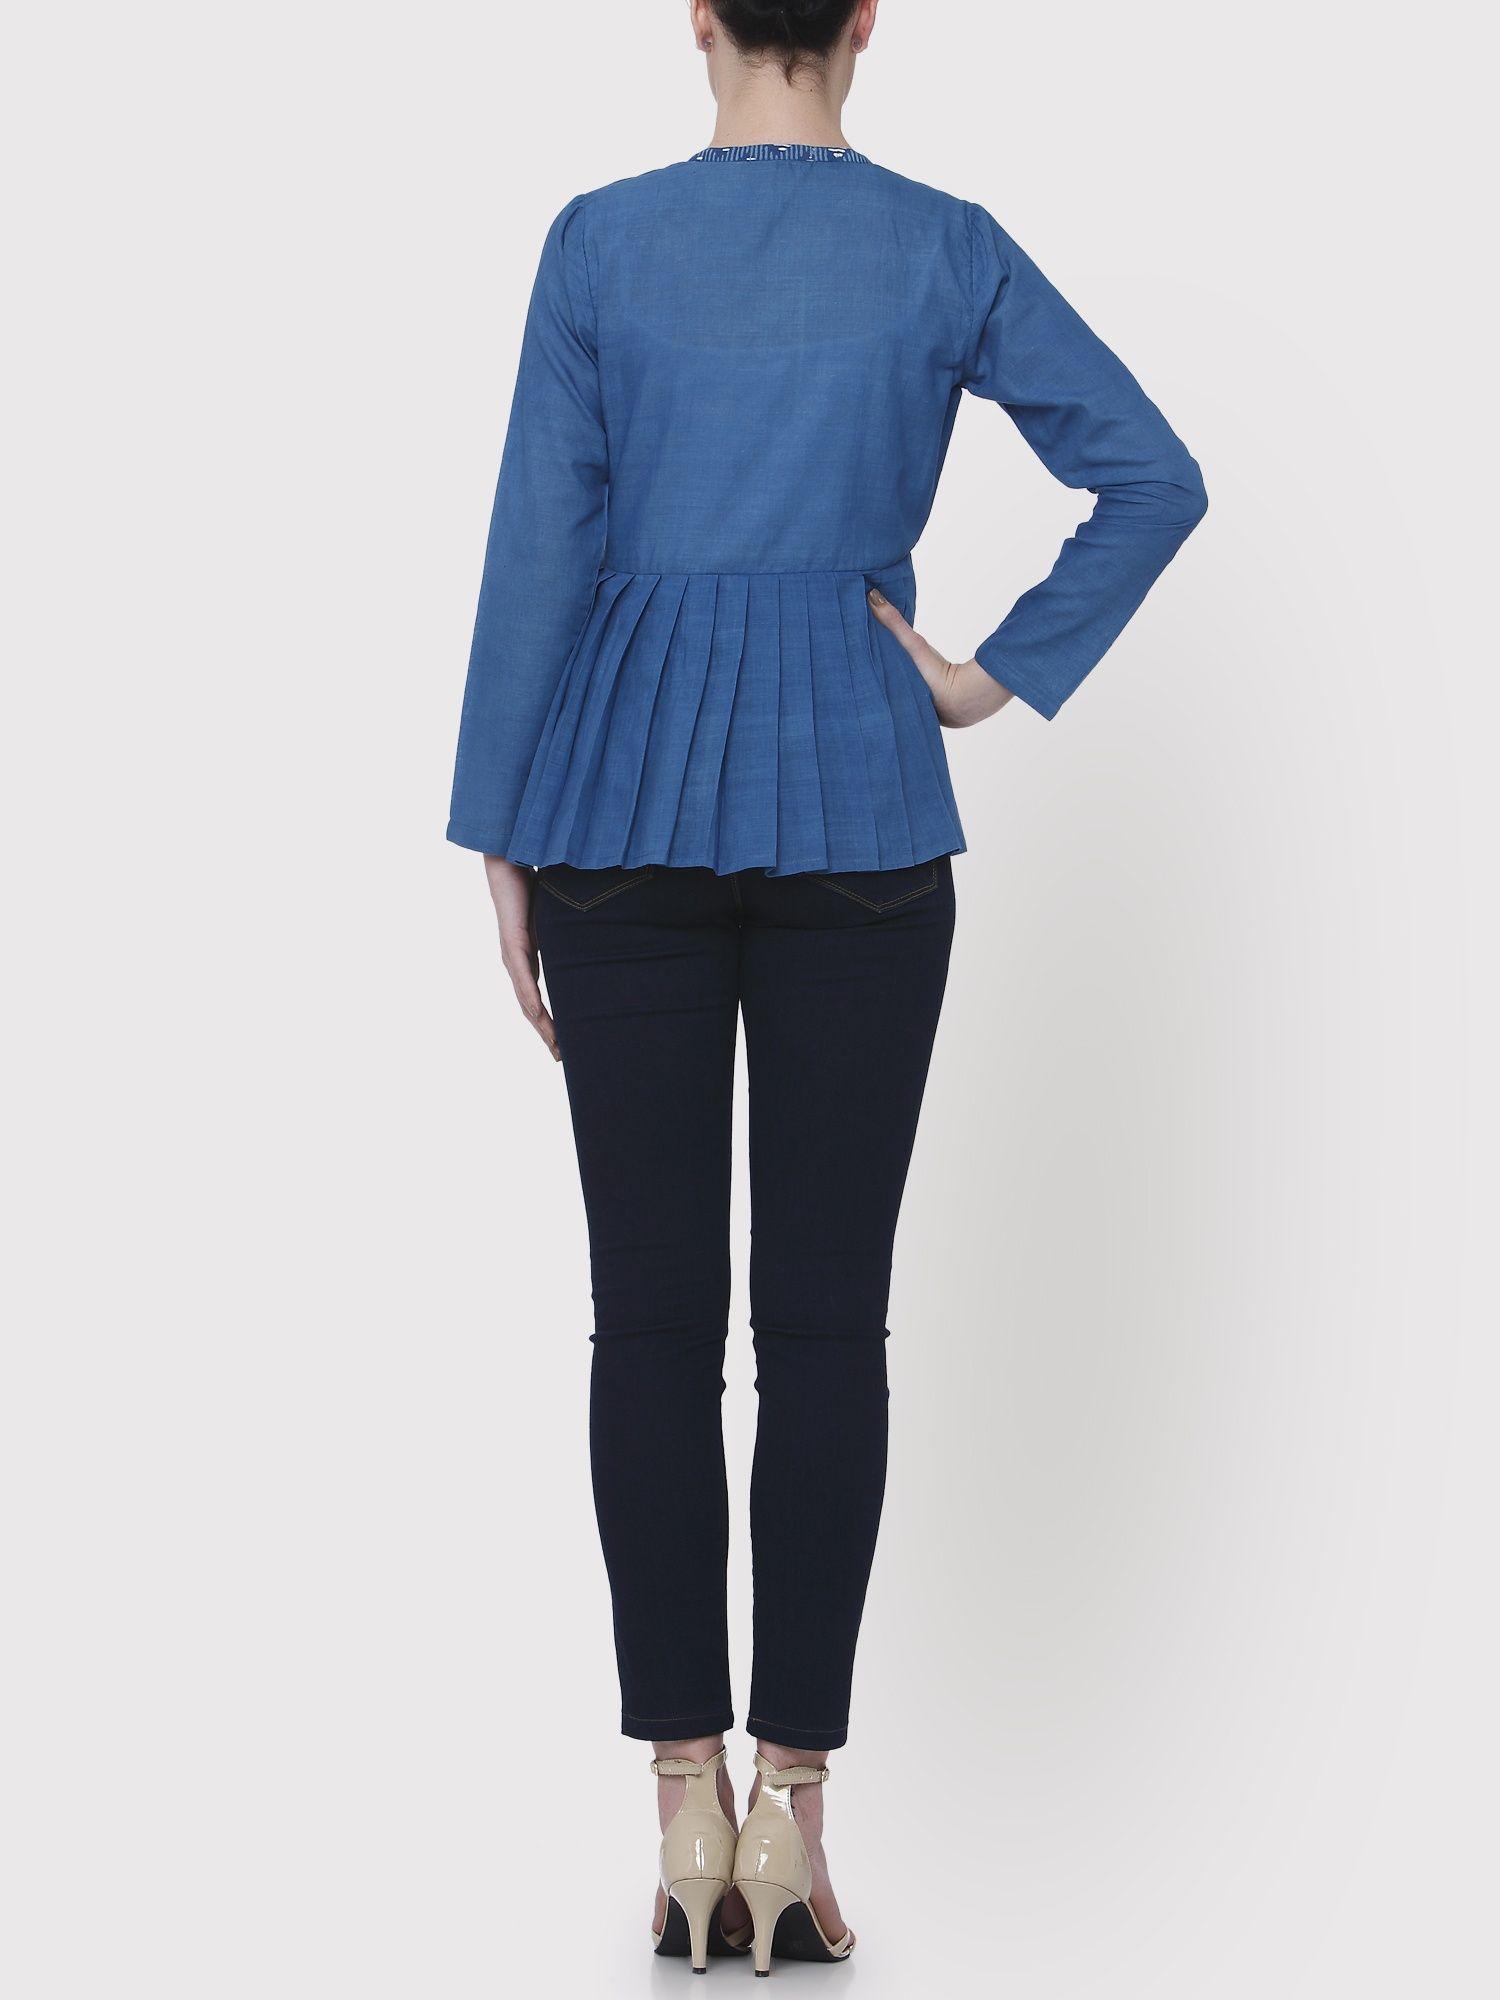 a757254f15e Medhya Jackets   Buy Medhya Blue Khadi Jacket Online